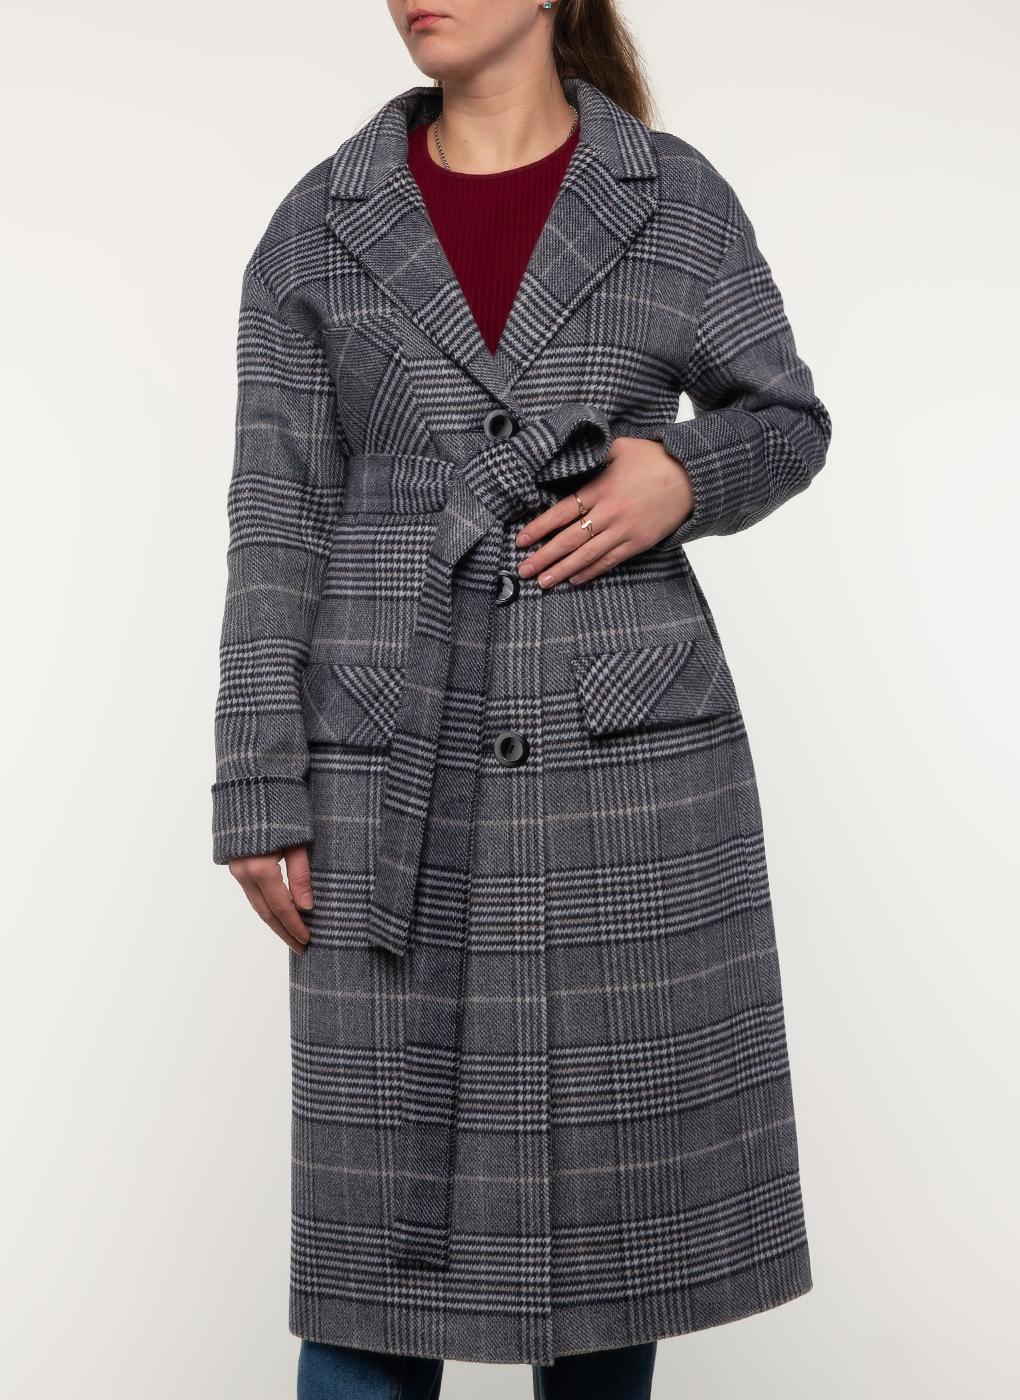 Пальто полушерстяное 88, Crosario фото